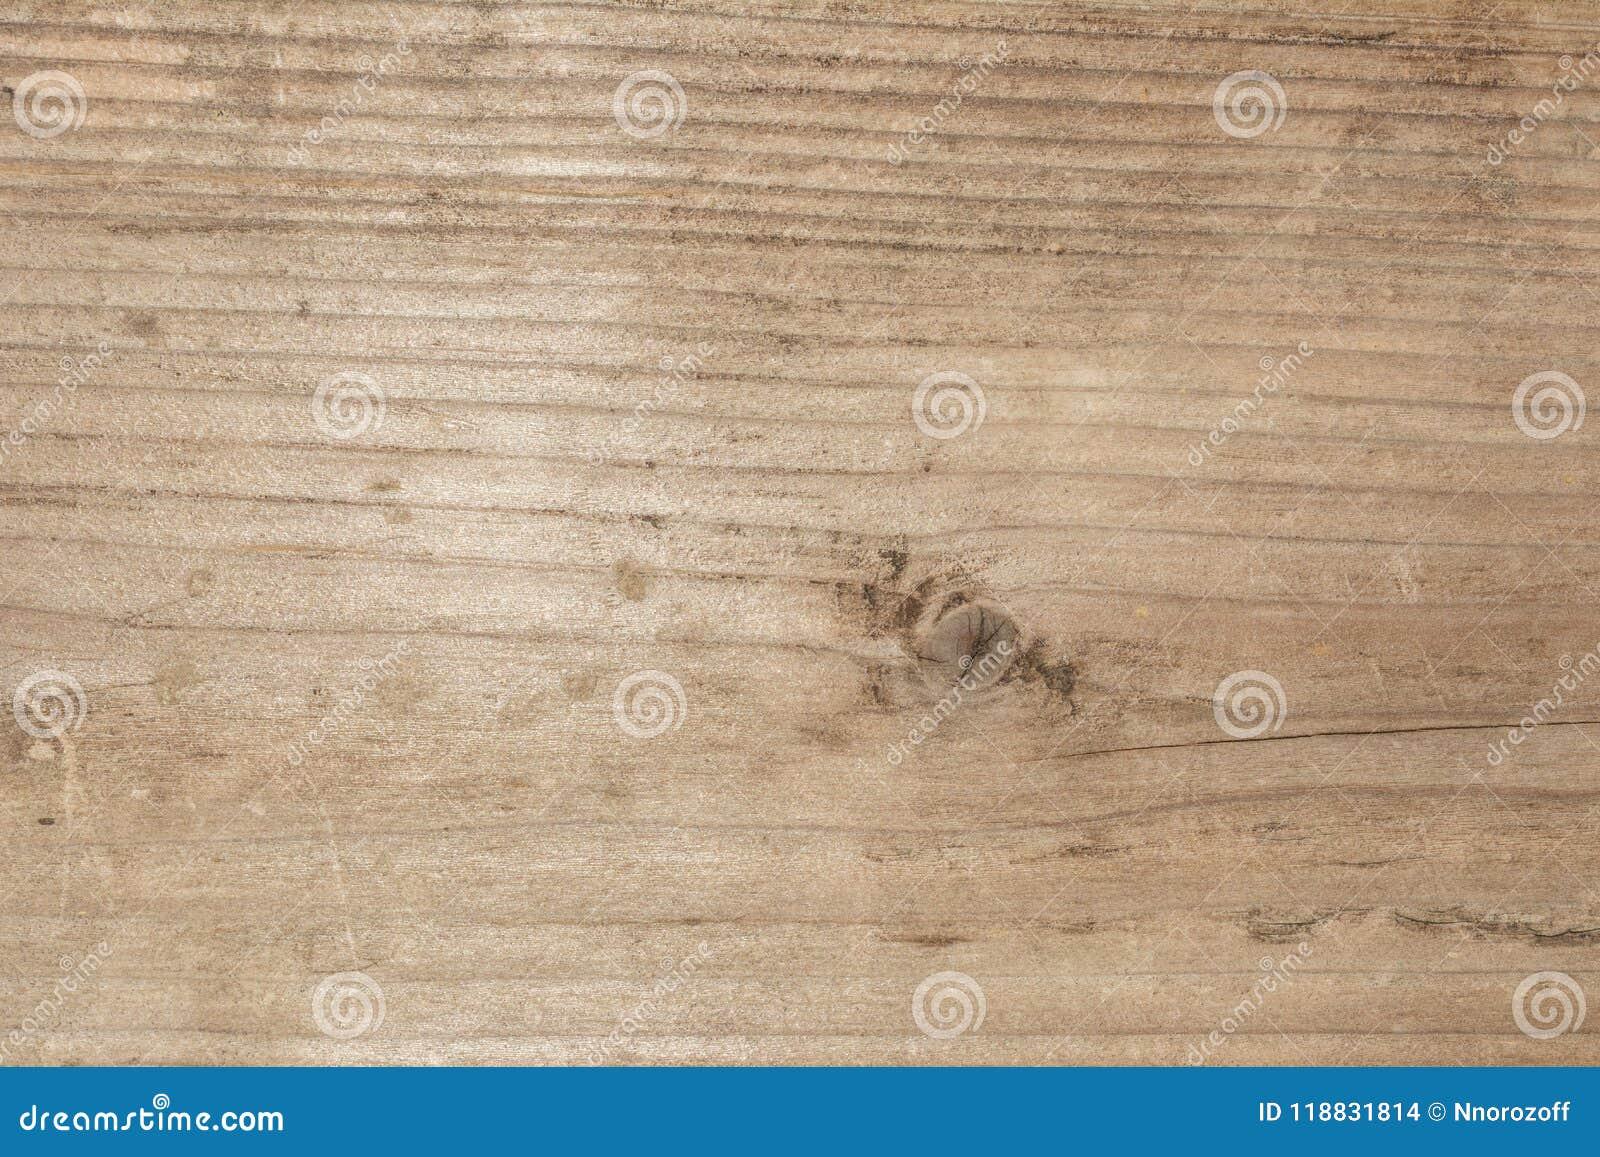 Texture du vieil arbre avec les fissures longitudinales, surface de bois superficiel par les agents antique, fond abstrait